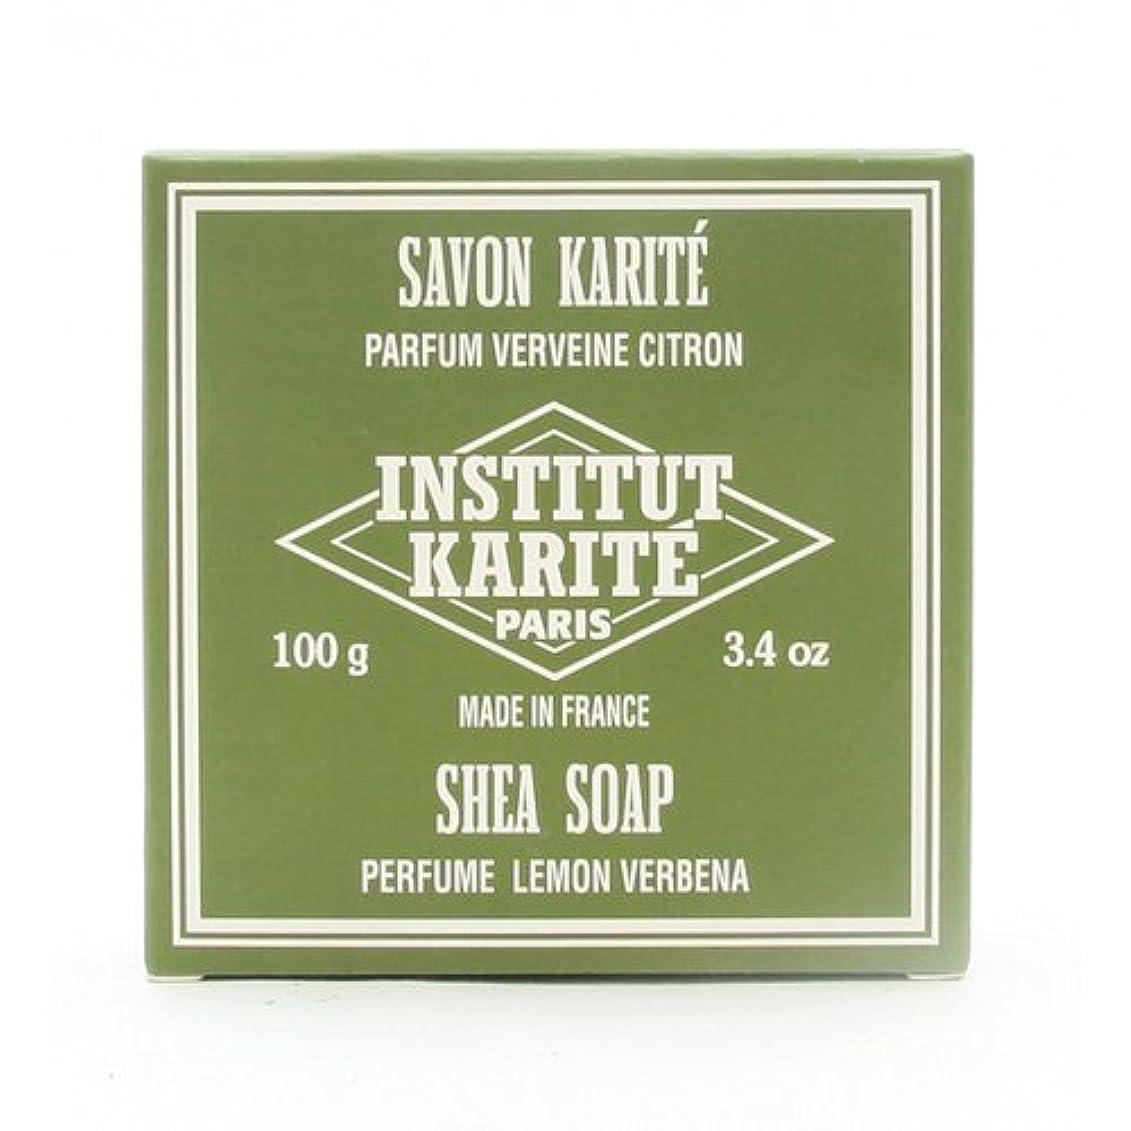 解説最適芸術的INSTITUT KARITE インスティテュート カリテ 25% Extra Gentle Soap ジェントルソープ 100g Lemon Vervenaレモンバーベナ